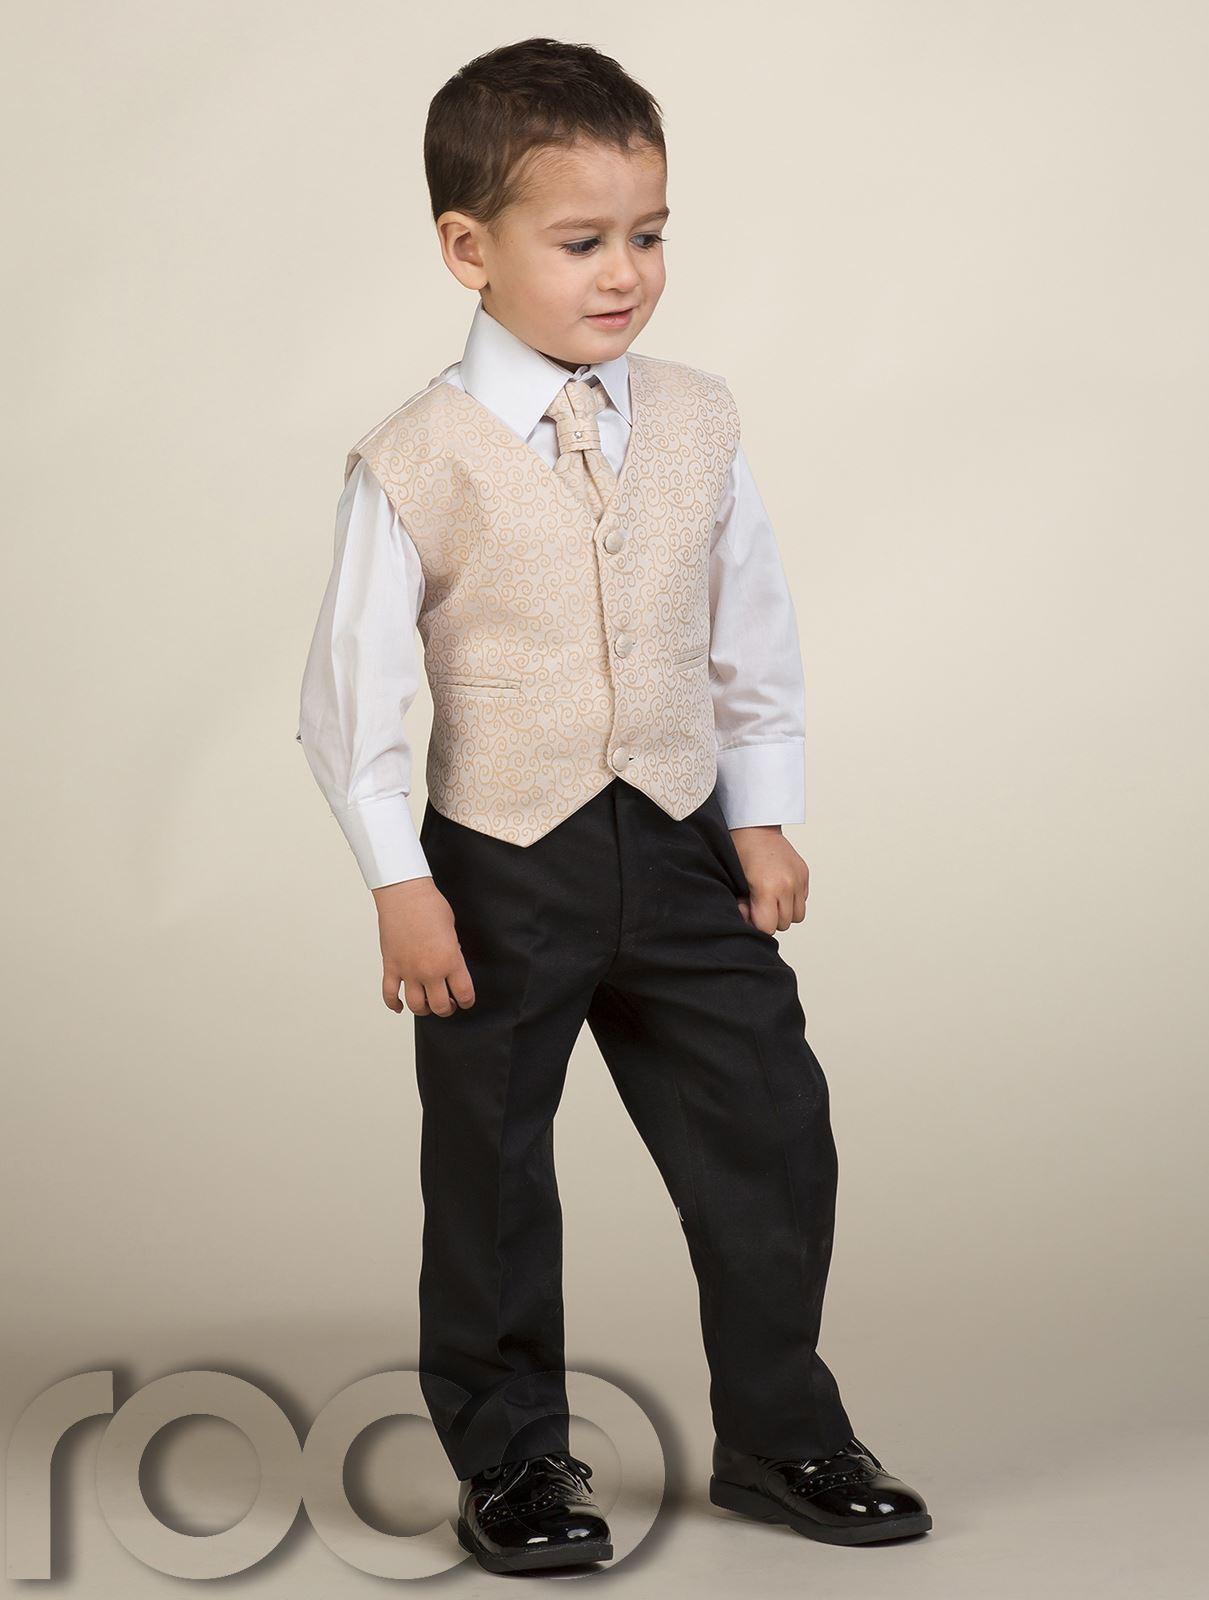 Boys Waistcoat Suit Page Boy Suits Prom Suits Boys Wedding Suit